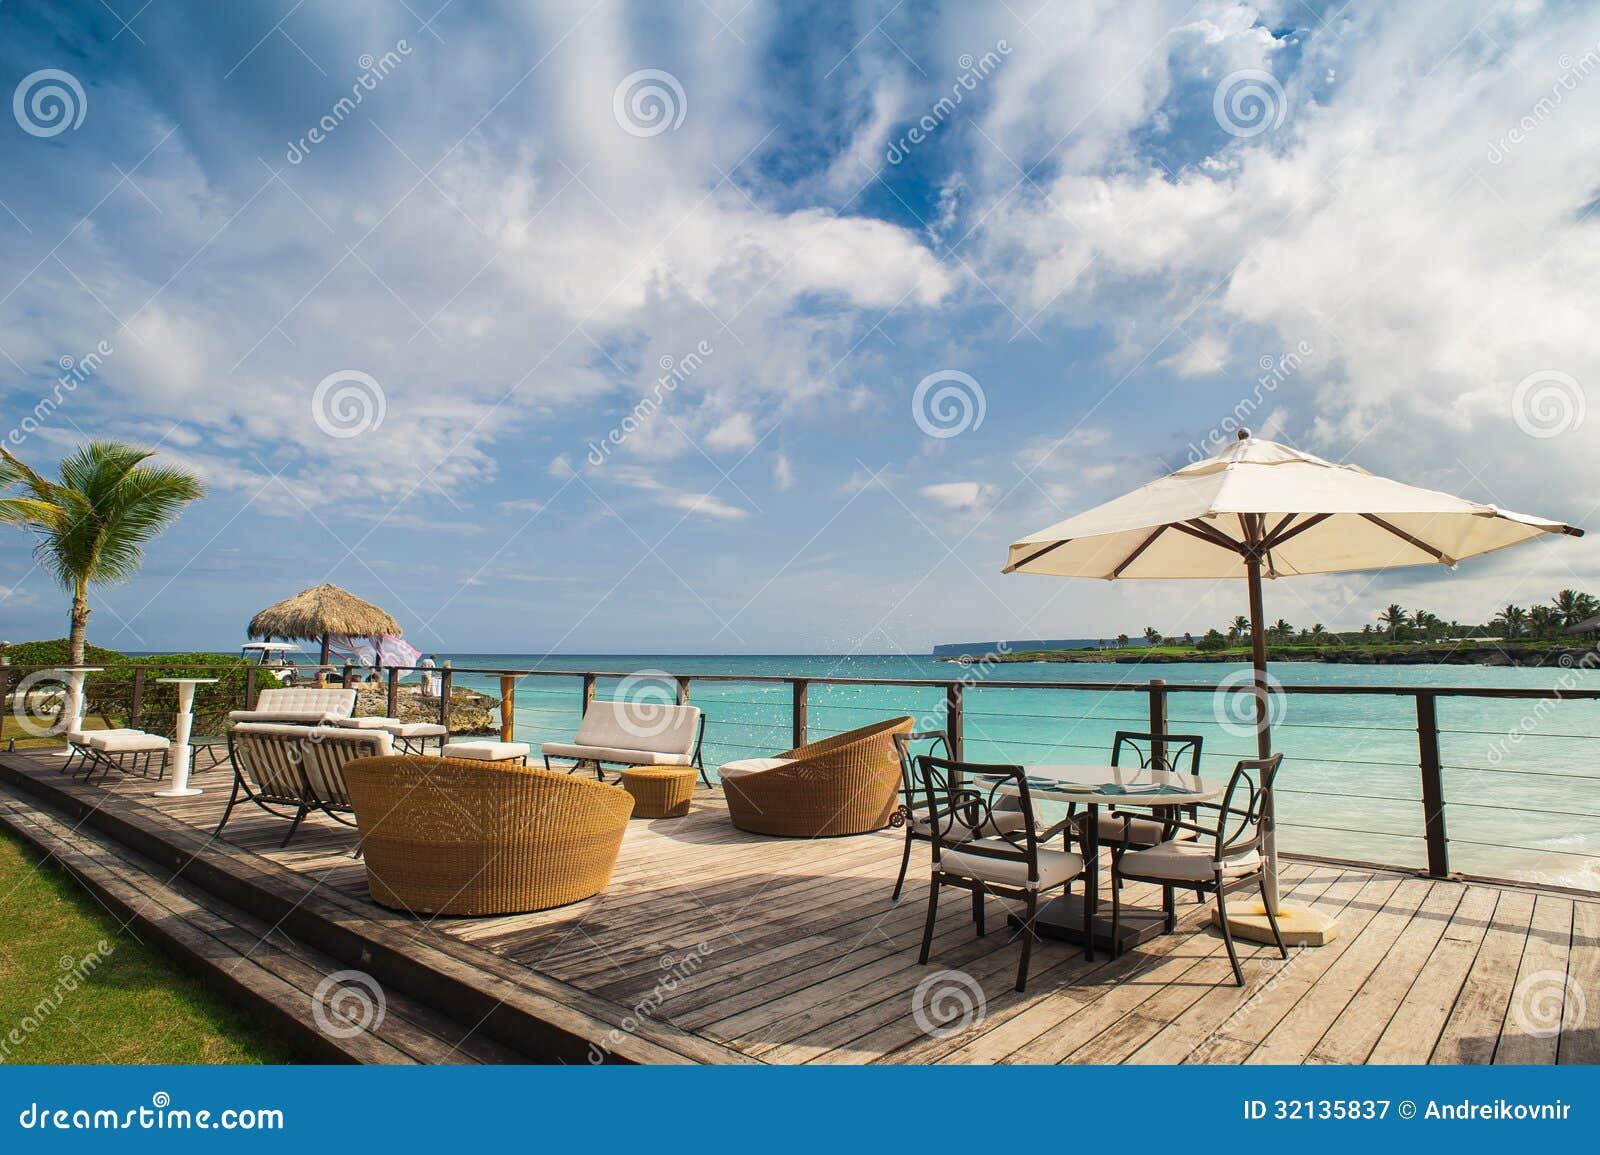 Plenerowa restauracja przy plażą. Kawiarnia na plaży, oceanie i niebie. Stołowy położenie przy tropikalną plażową restauracją. Rep